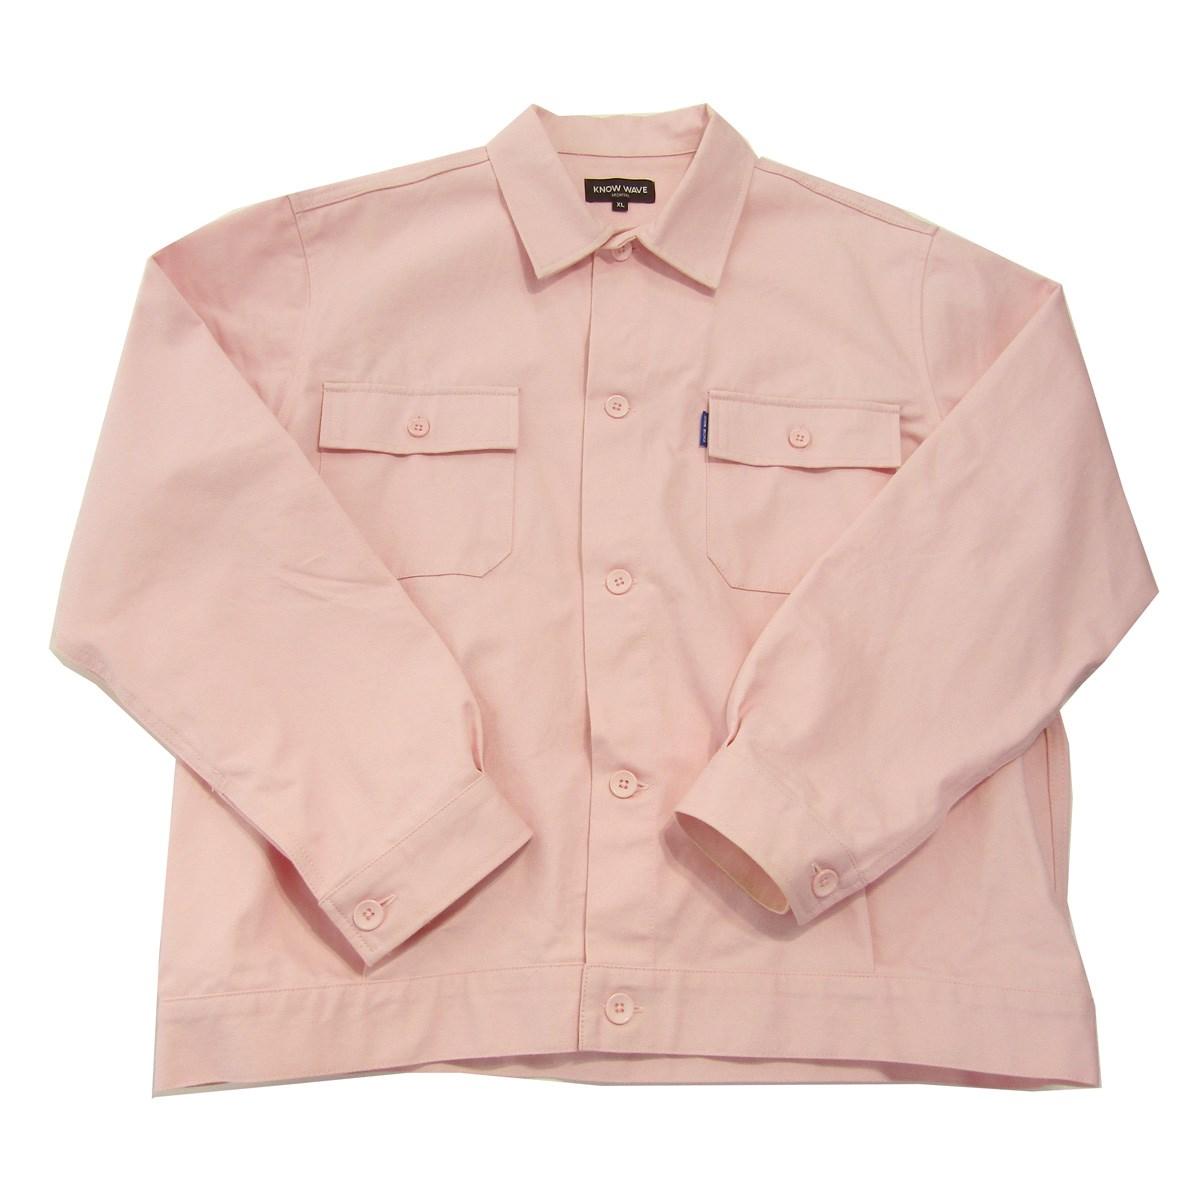 【中古】KNOW WAVE 2018AW Engineer Jacket ワークシャツジャケット ピンク サイズ:XL 【010420】(ノウウェイブ)